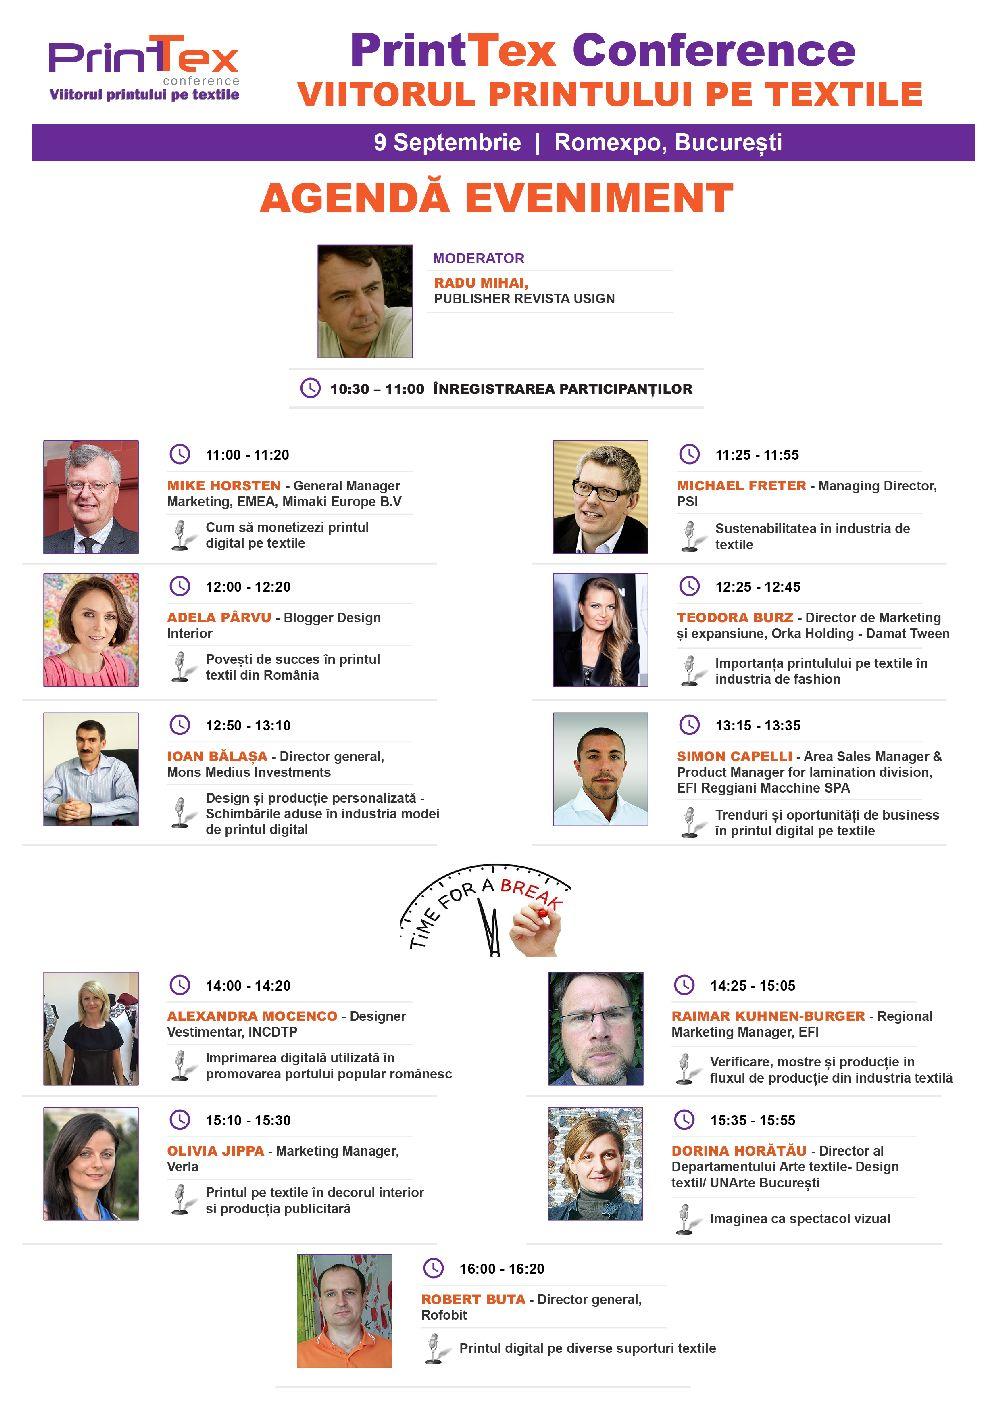 adelaparvu.com despre agenda PrintTex 2015